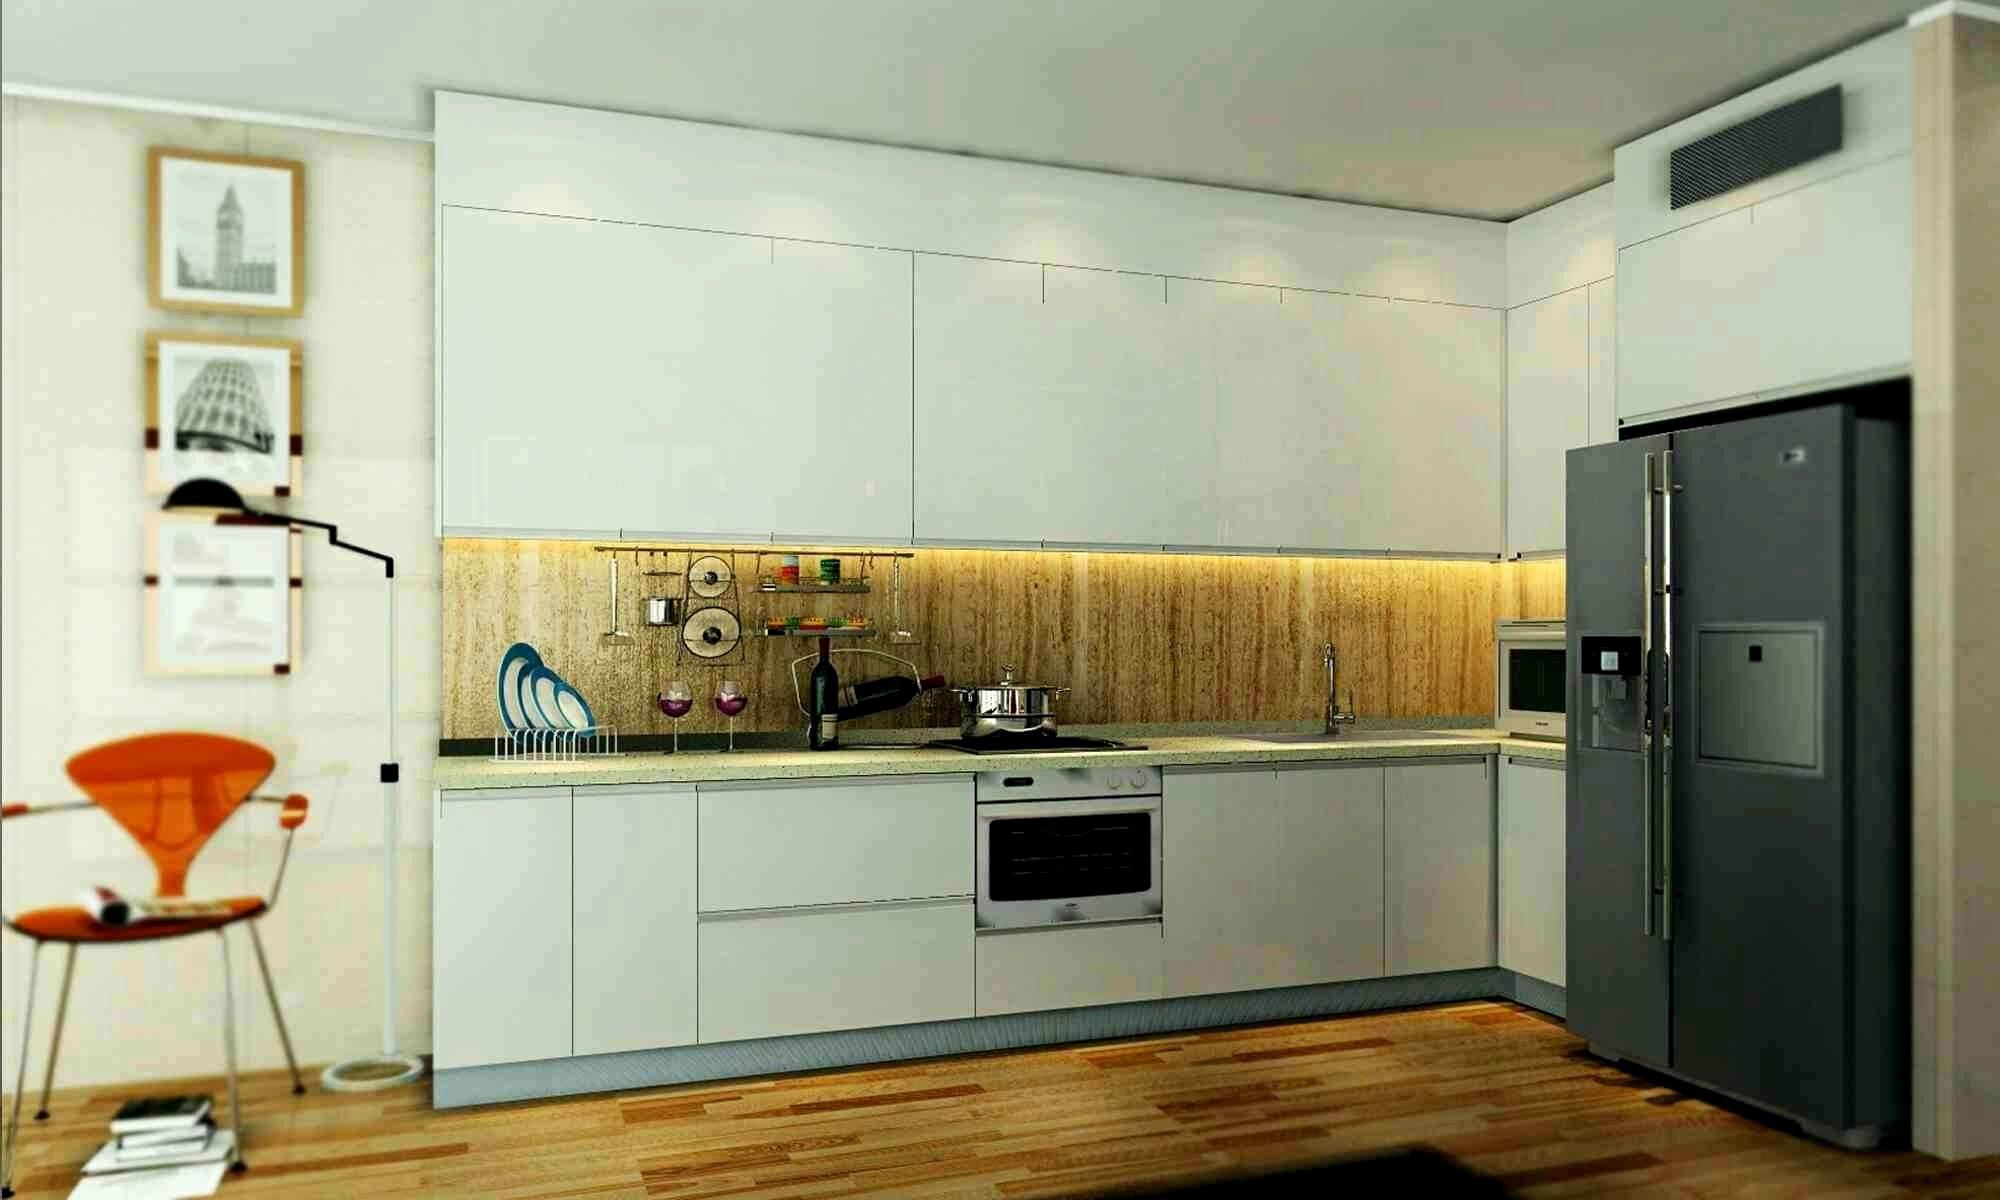 Jeuxjeuxjeux De Cuisine Gallery En 2020 Jeux Cuisine Papier Peint Cuisine Cuisine 3d